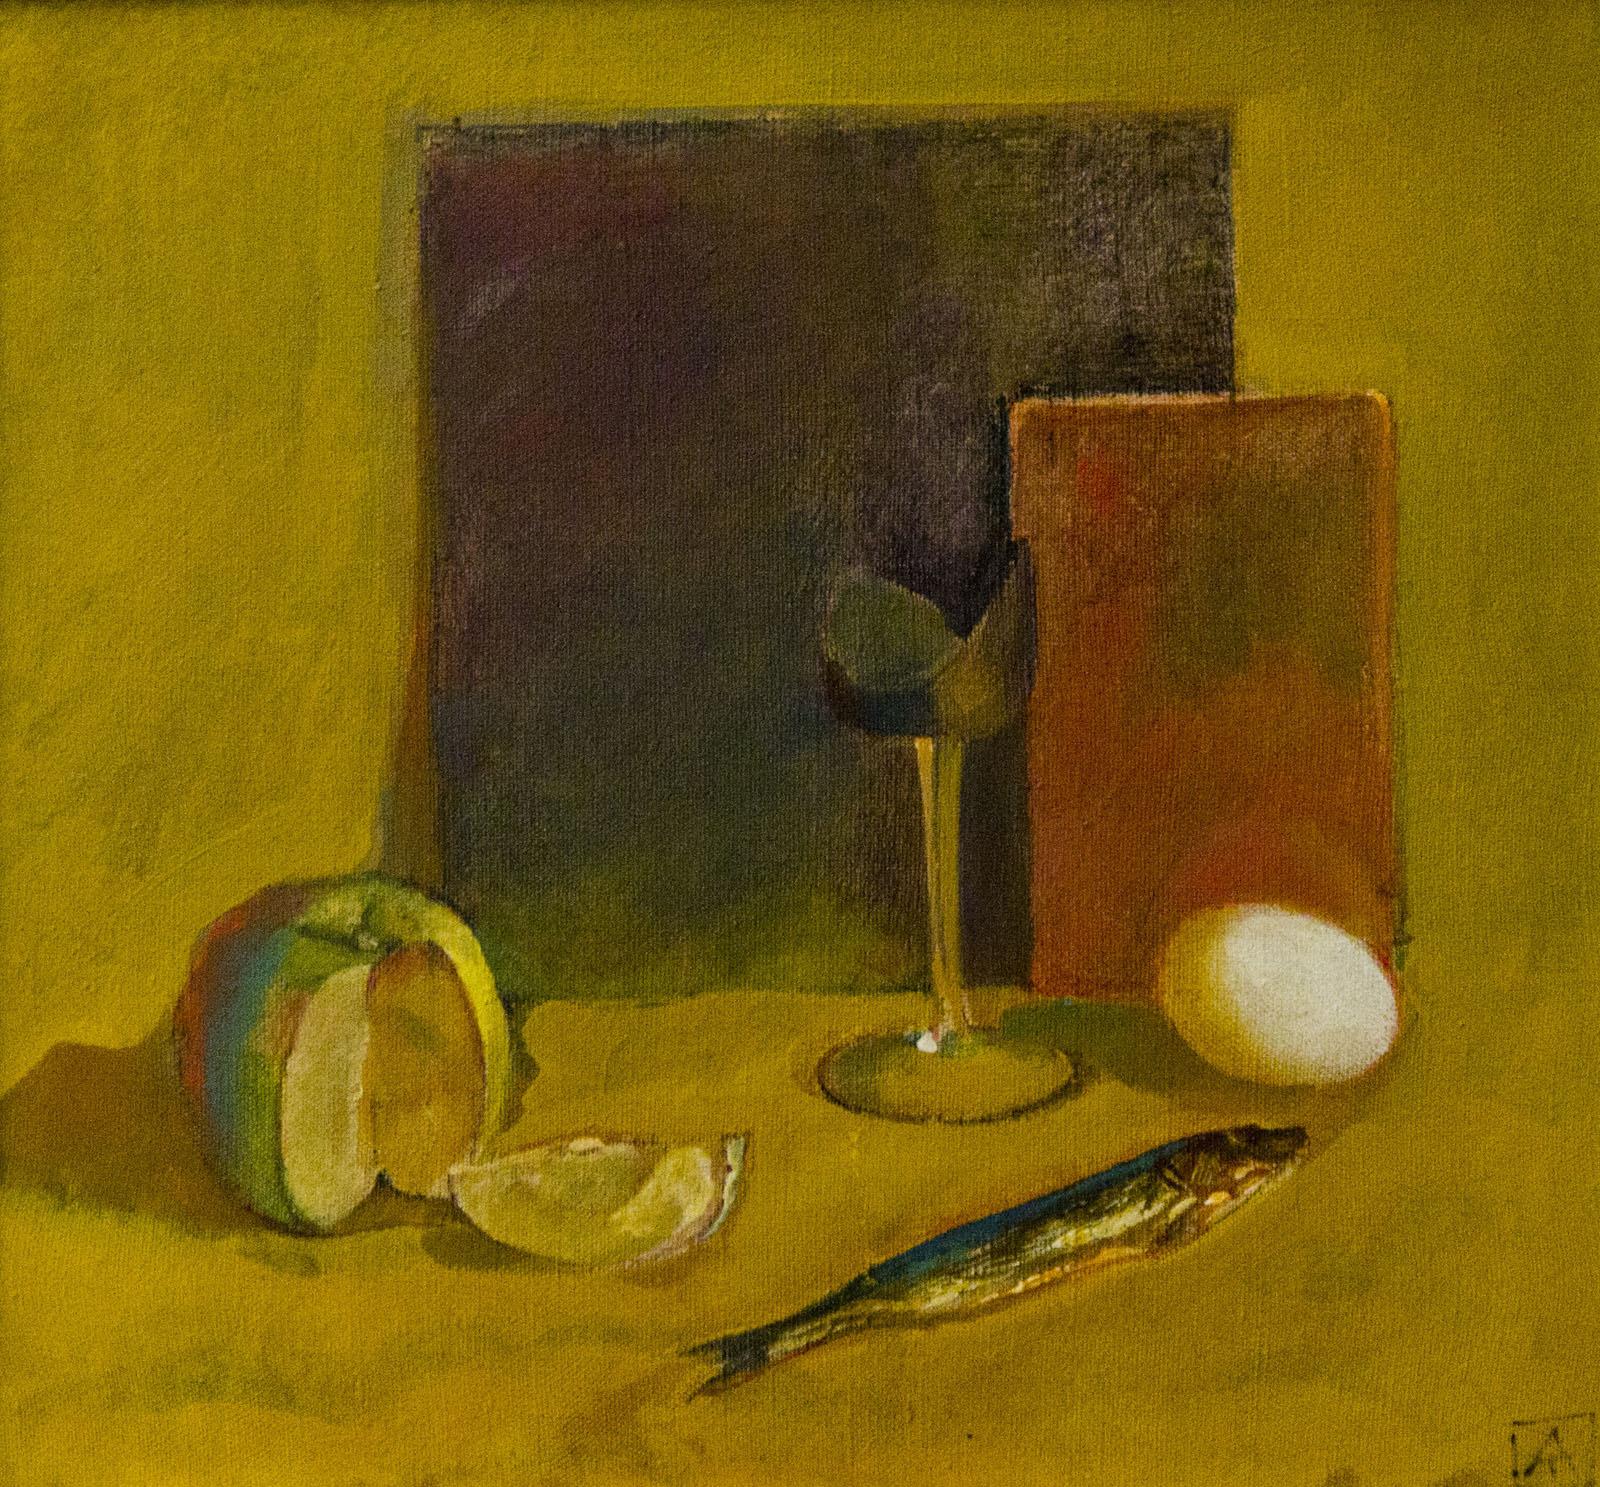 Фото №79804. Натюрморт с яйцом и красным прямоугольником. 1992. Туманов А.Р.